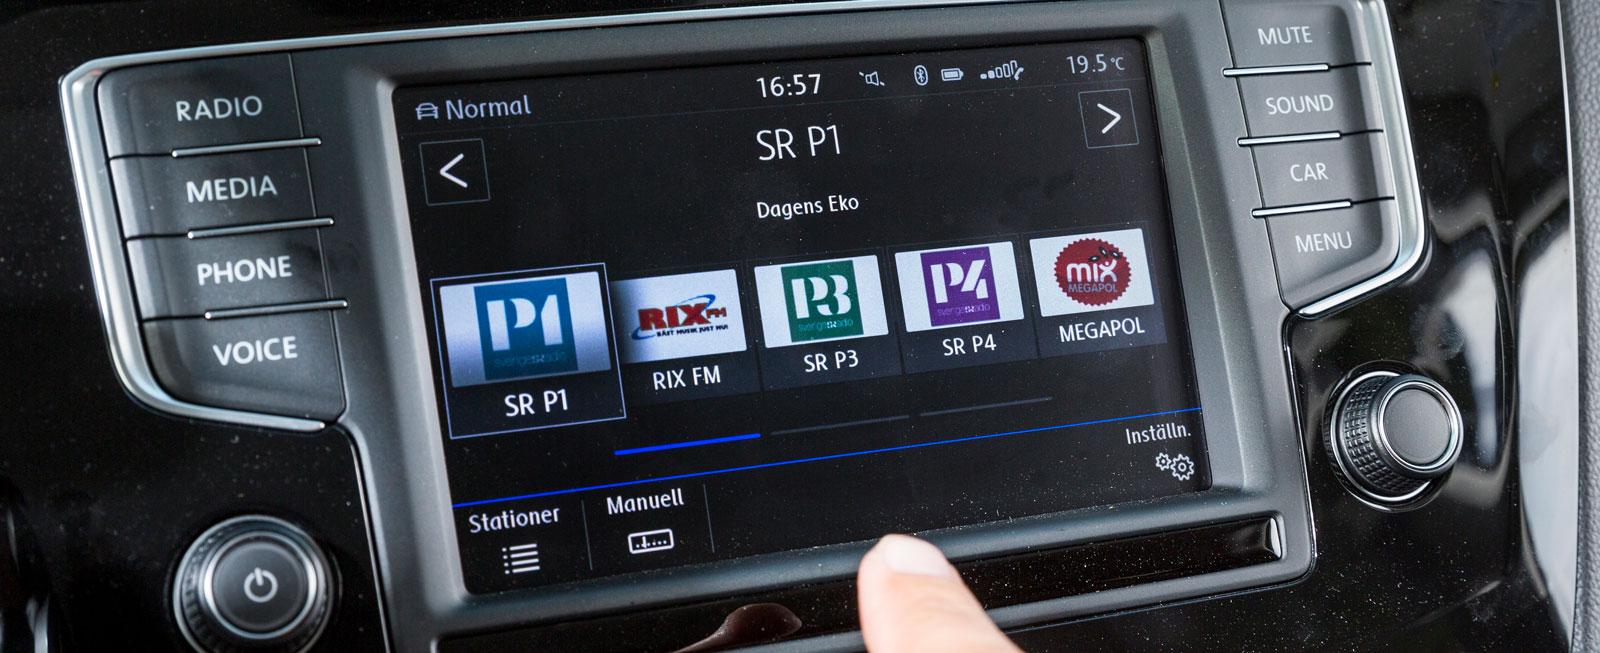 VW:s system är rakt igenom logiskt och testets enklaste att sköta. Till stora delar räcker det att använda de lättbegripliga knapparna på ratten.